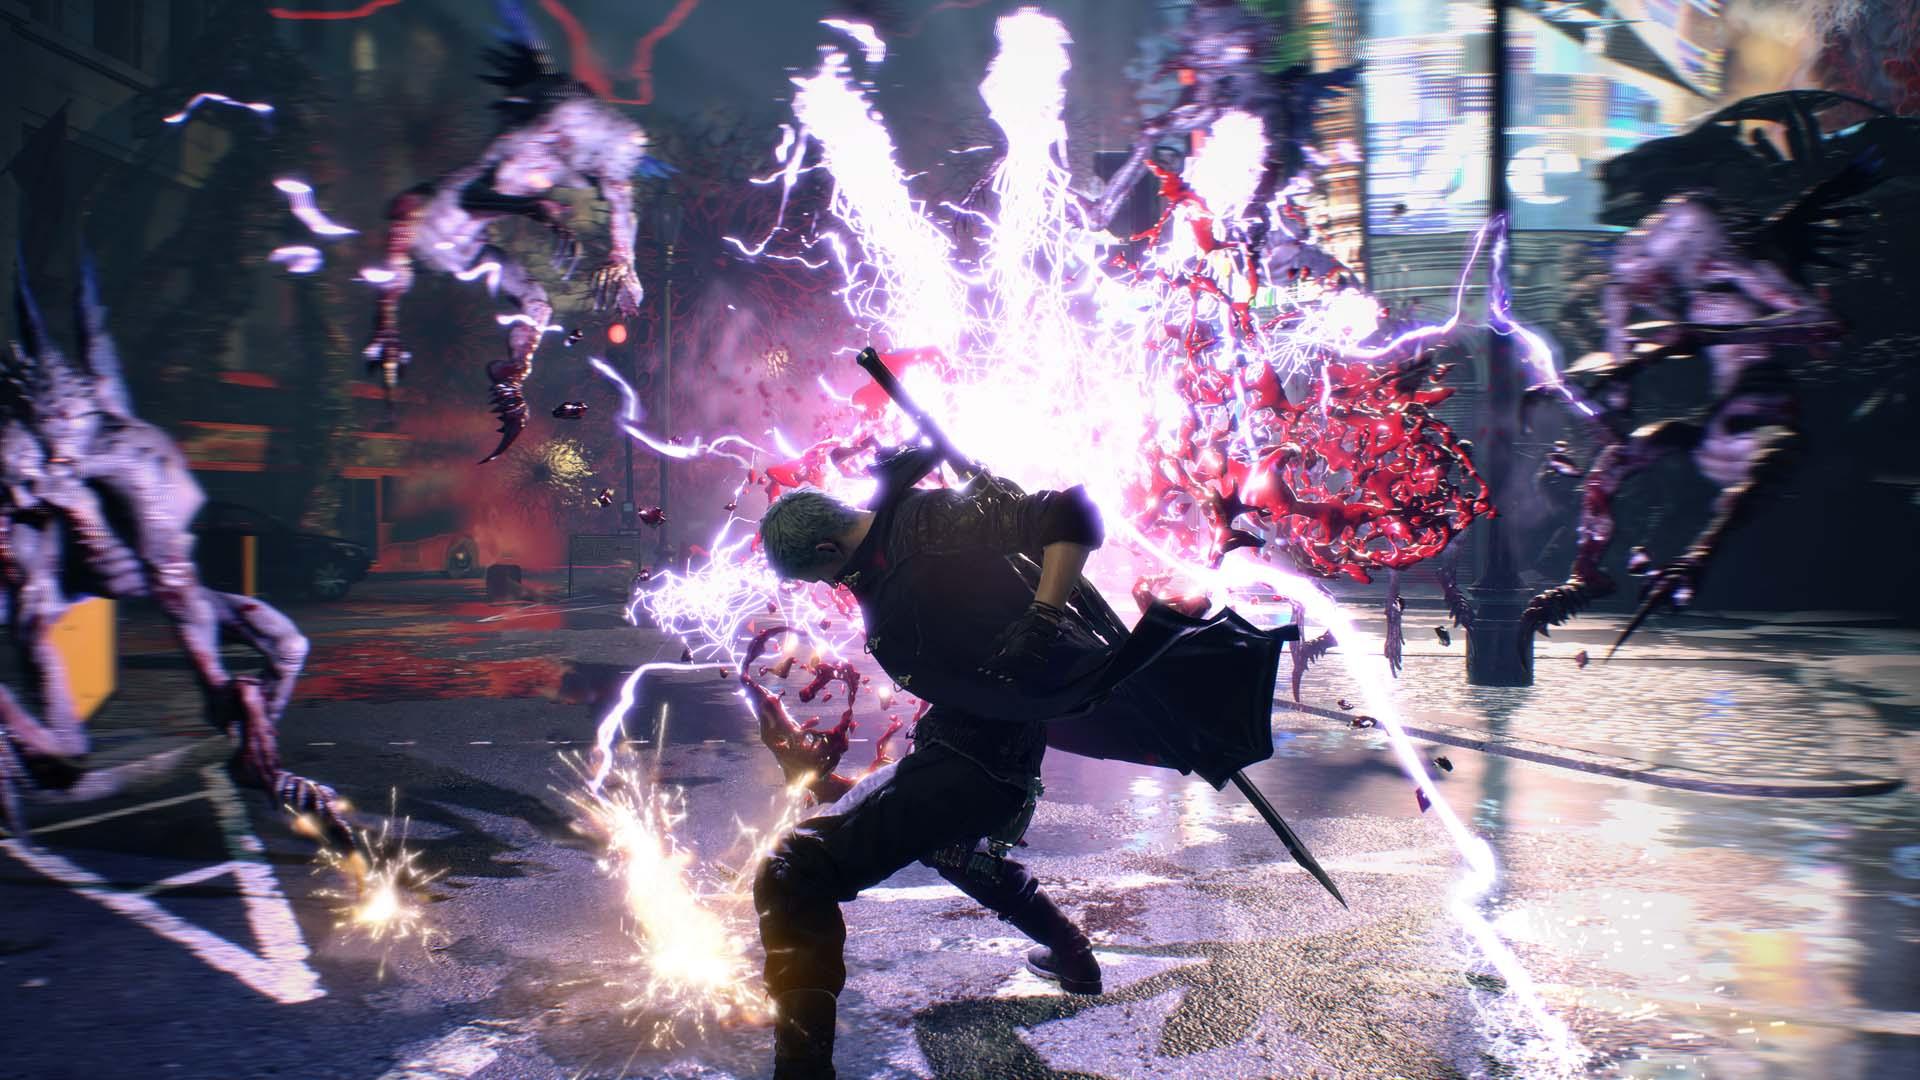 Скриншот №2 к Devil May Cry 5 Deluxe + Vergil